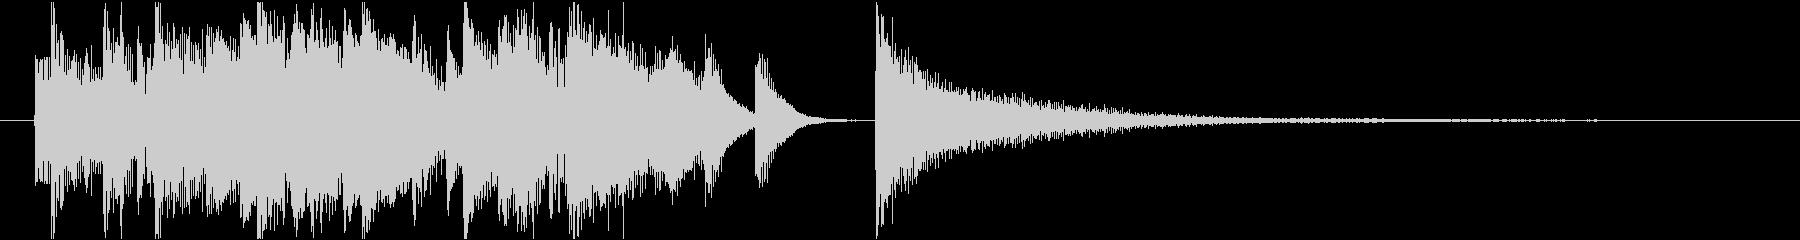 可愛らしくてポップなサウンドロゴの未再生の波形